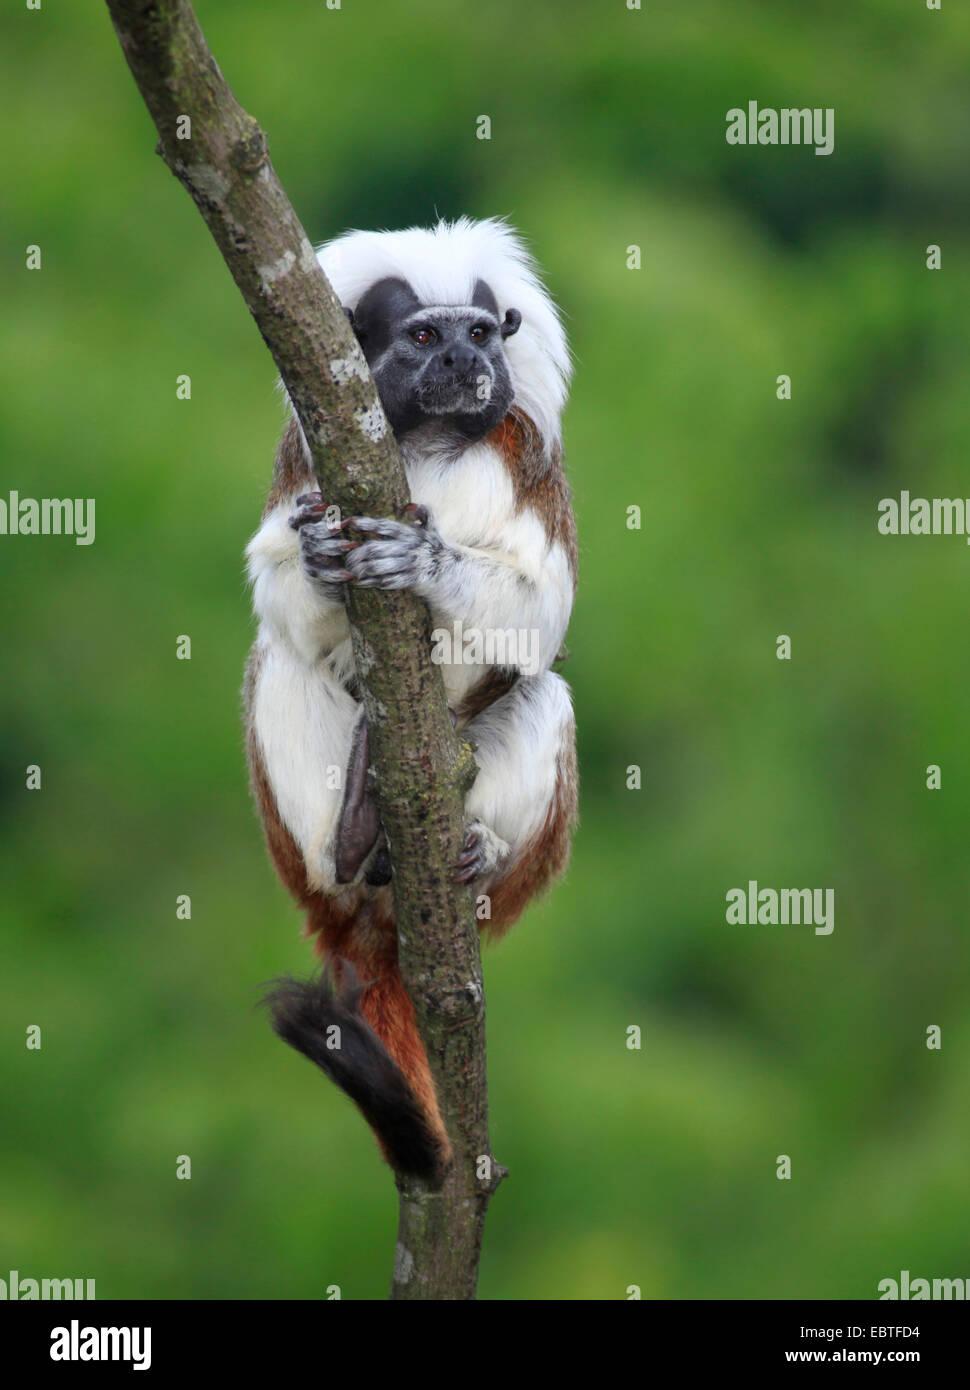 cotton-top tamarin, white-plumed tamarin (Saguinus oedipus, Oedipomidas oedipus), hanging at a tree - Stock Image